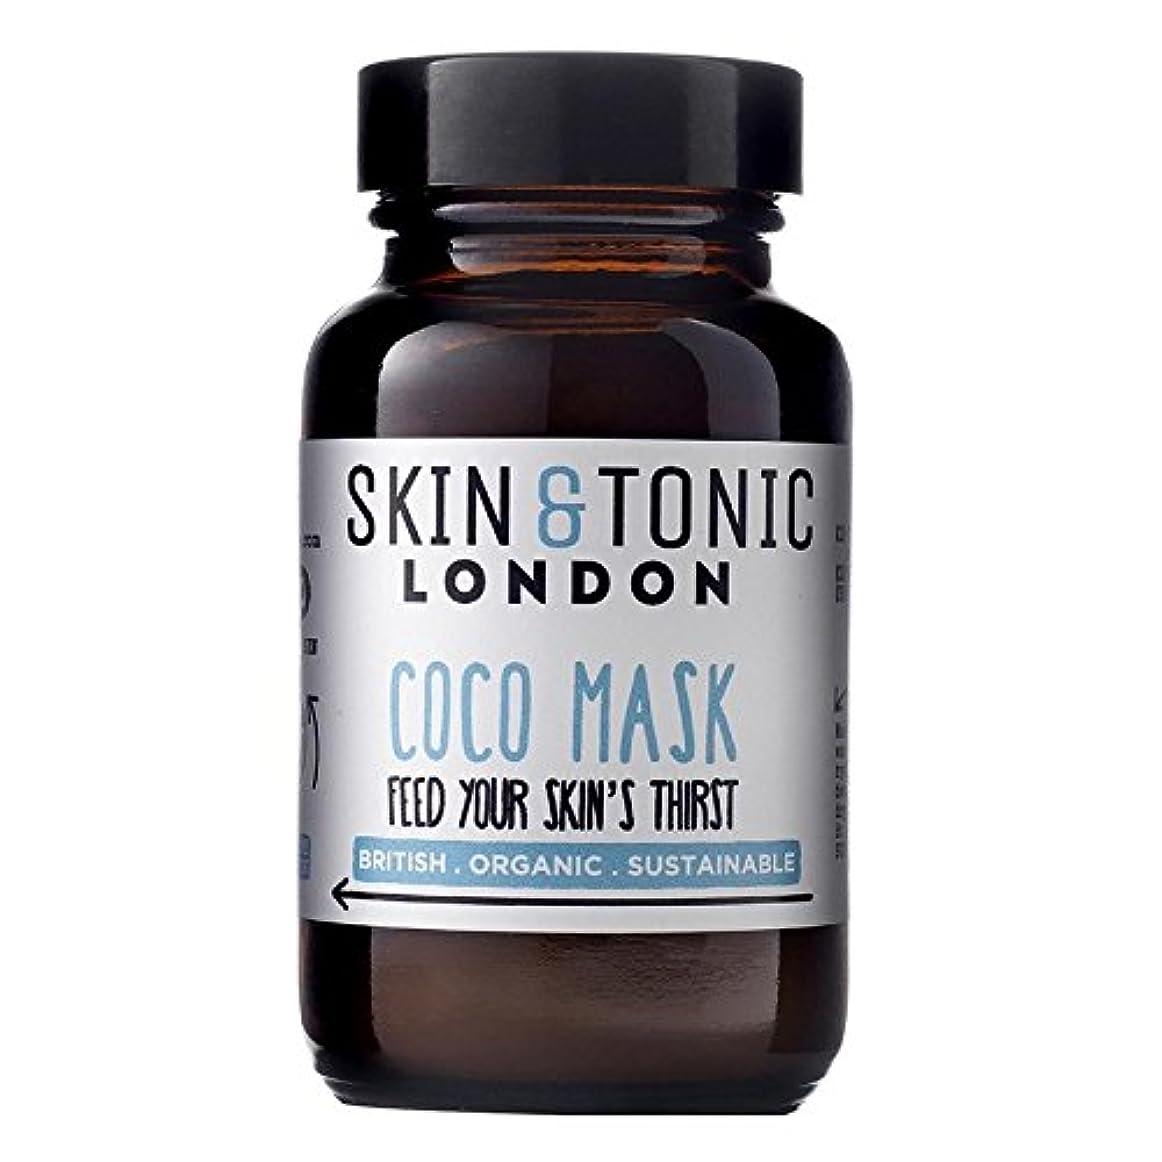 肉屋自分を引き上げるハンマースキン&トニックロンドンココマスク50グラム x2 - Skin & Tonic London Coco Mask 50g (Pack of 2) [並行輸入品]